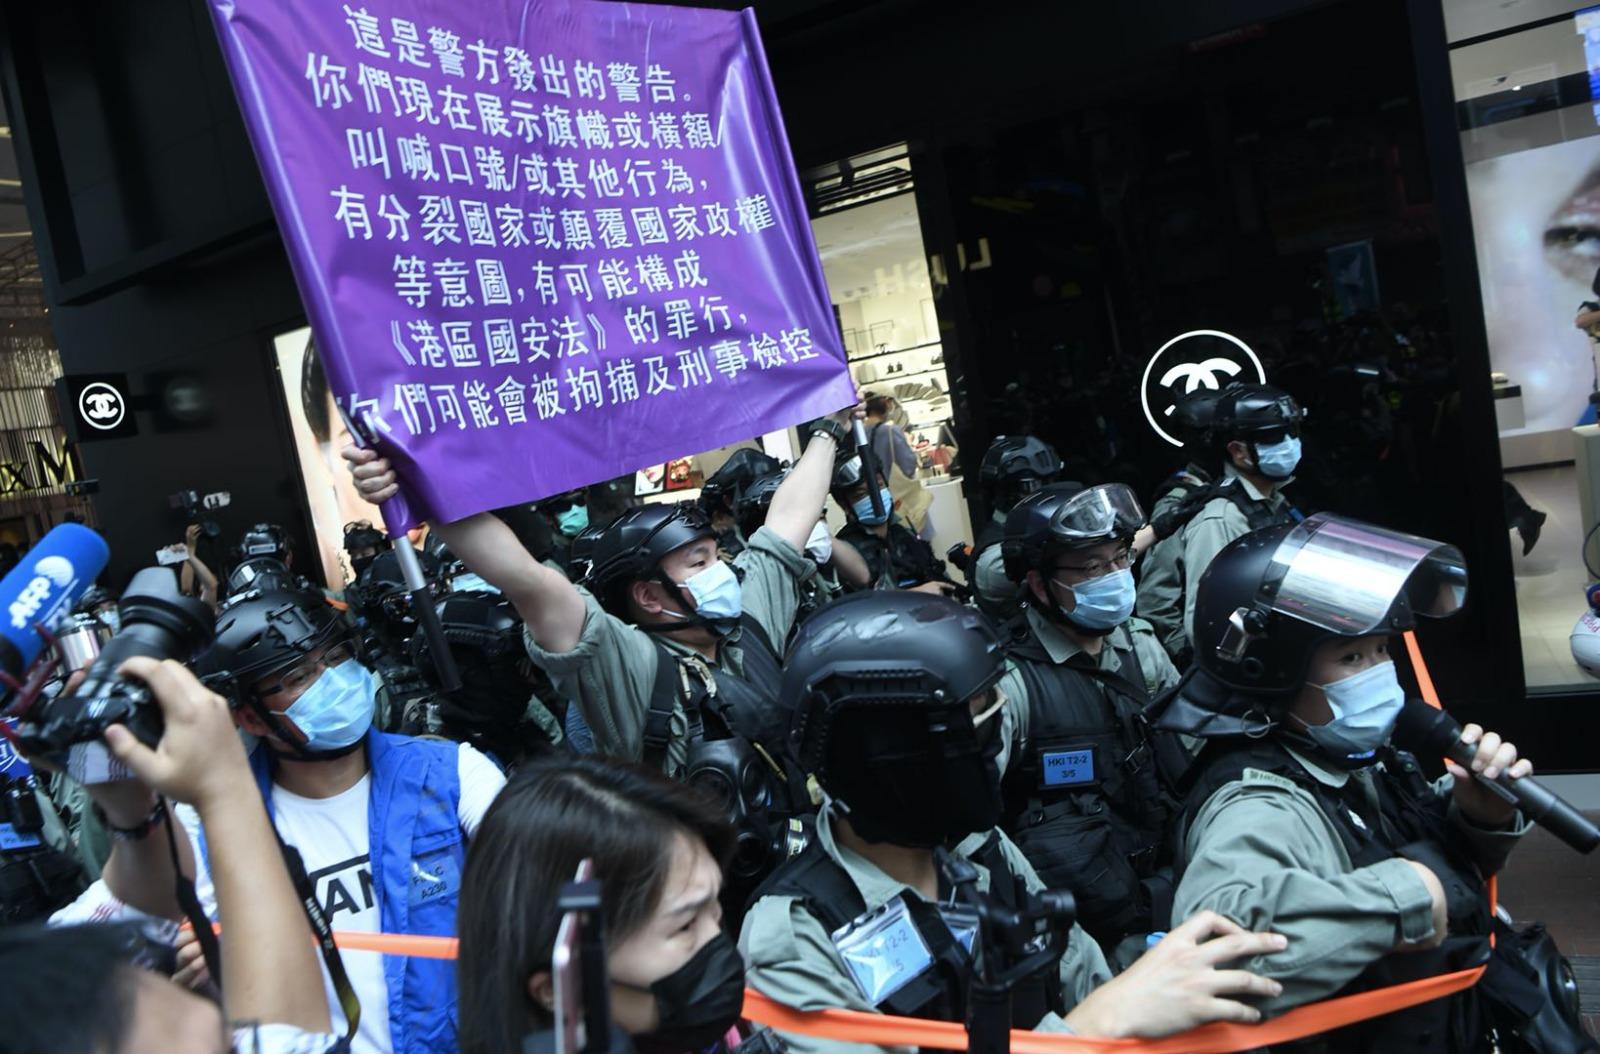 香港七一遊行多人因違反《港區國安法》被捕